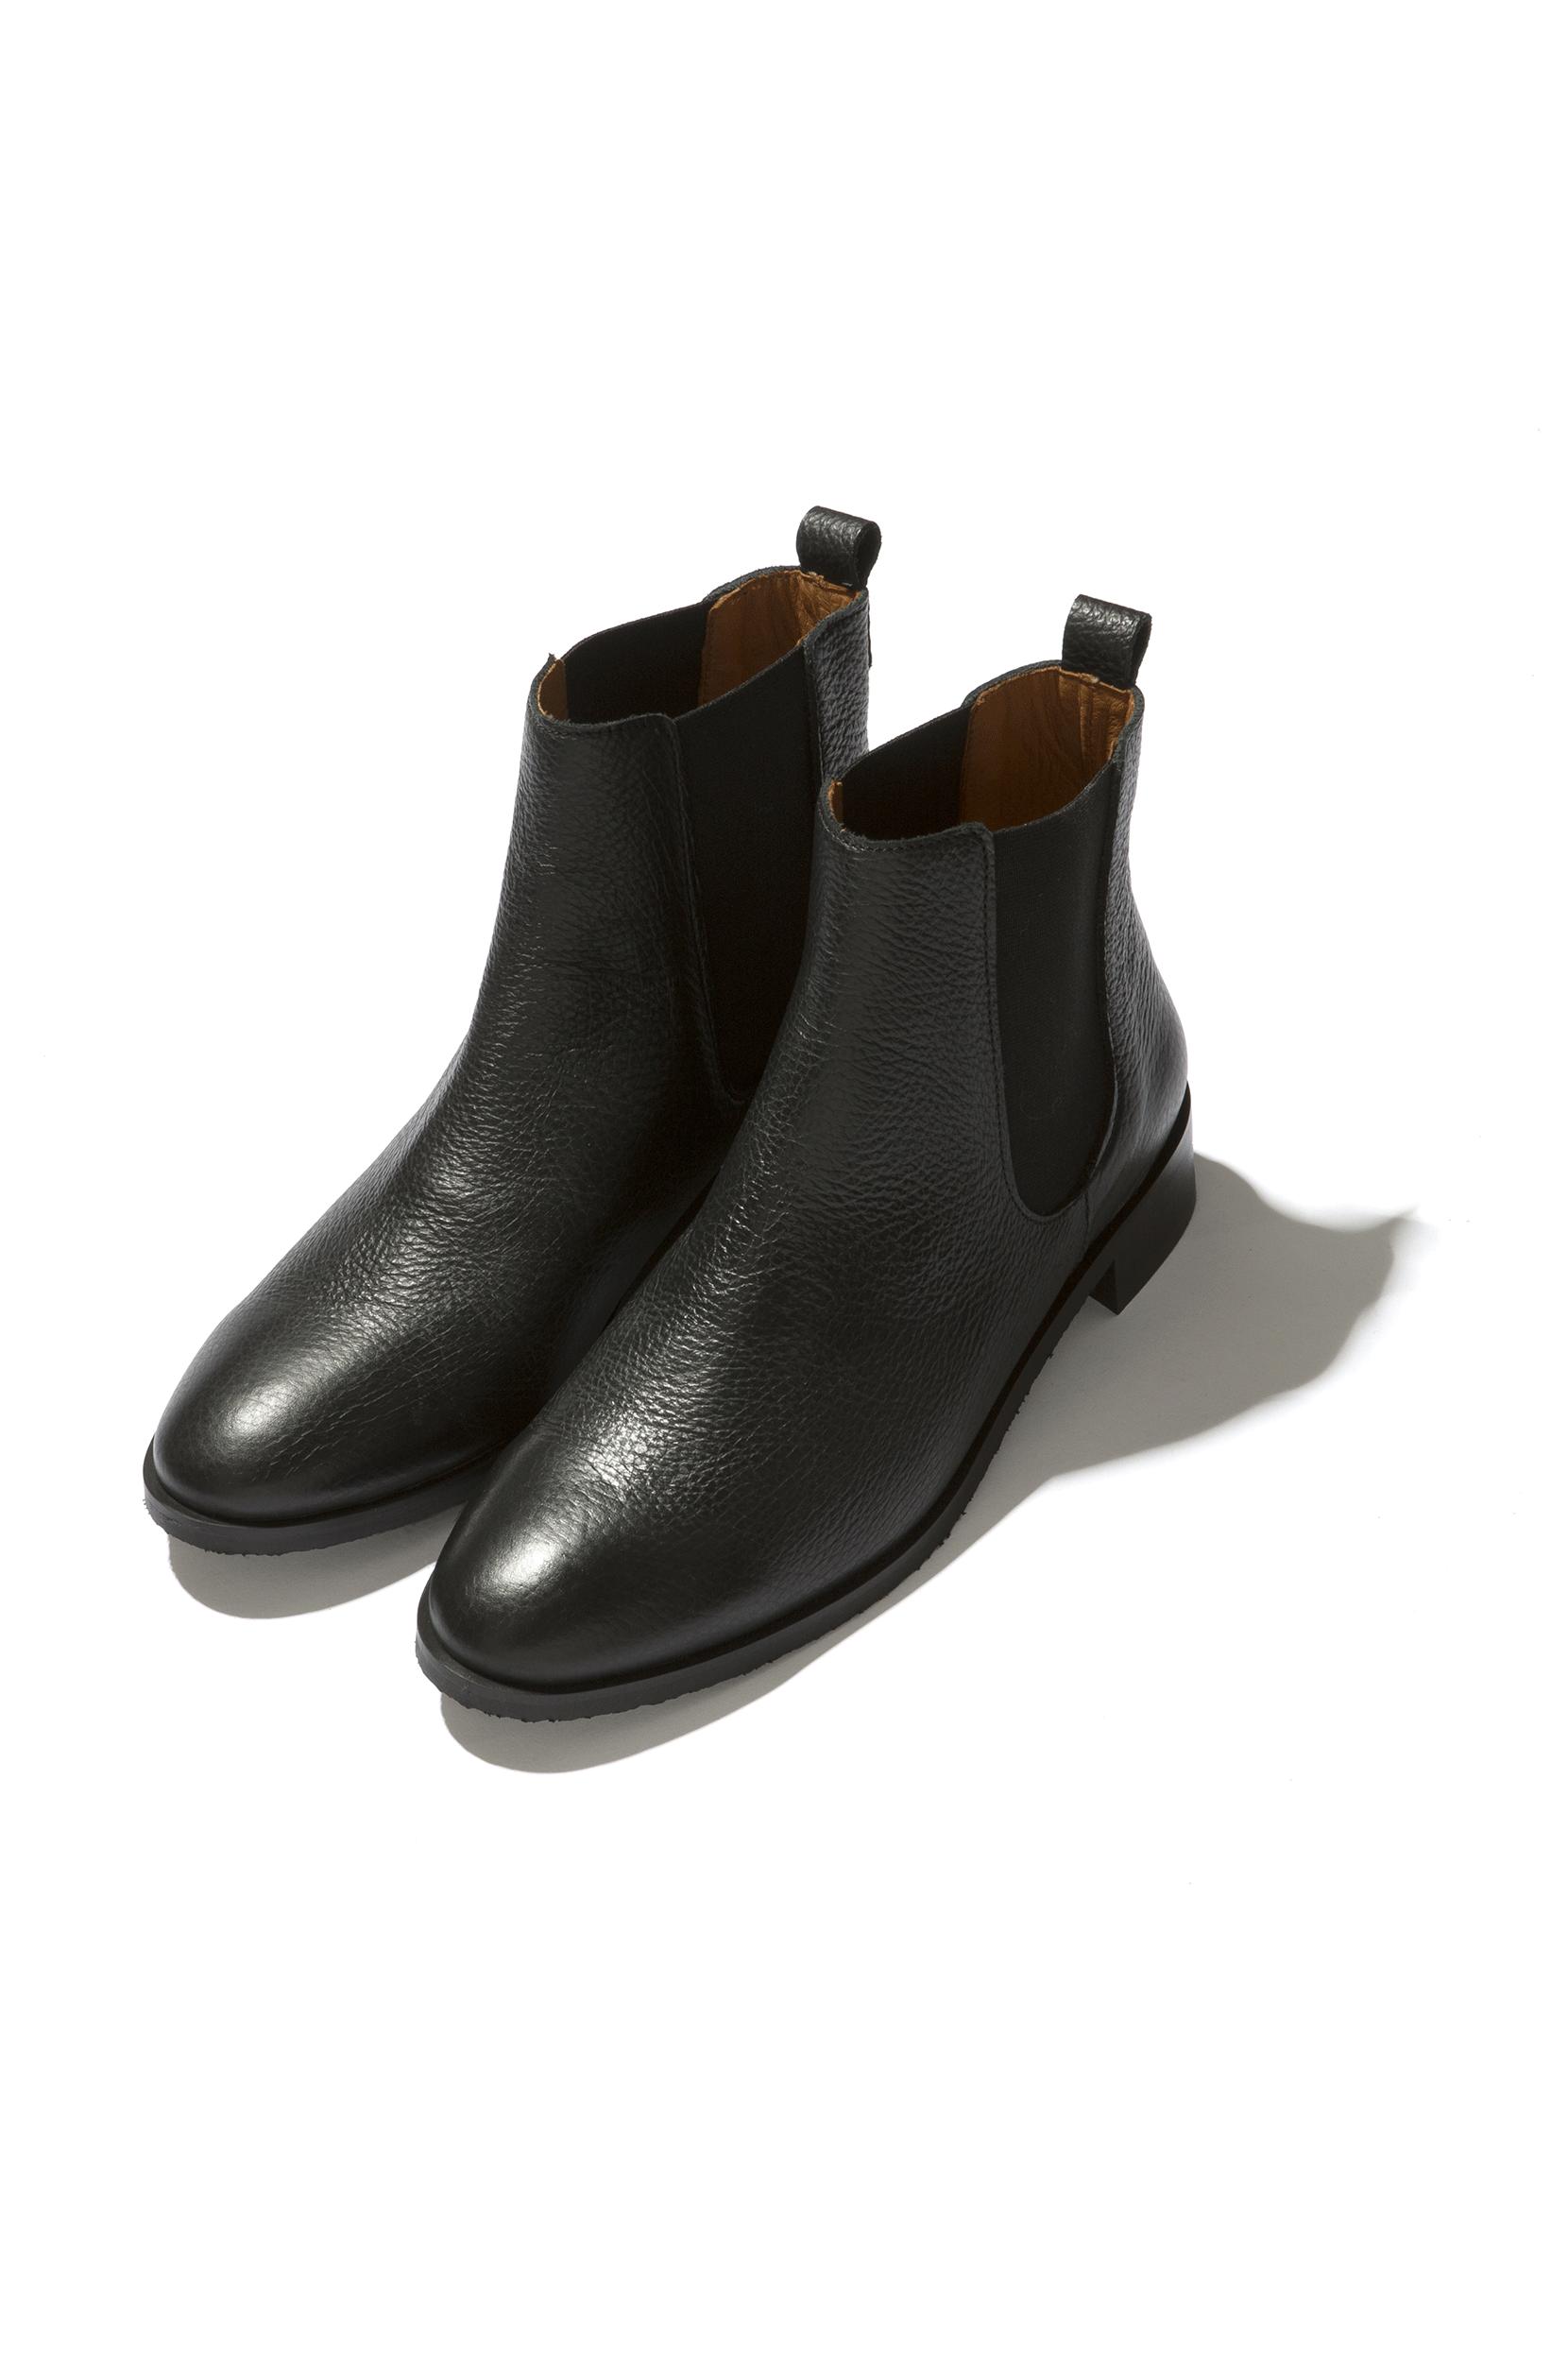 Chaussures automne à élastique noires Casual homme OkqZsyiVR